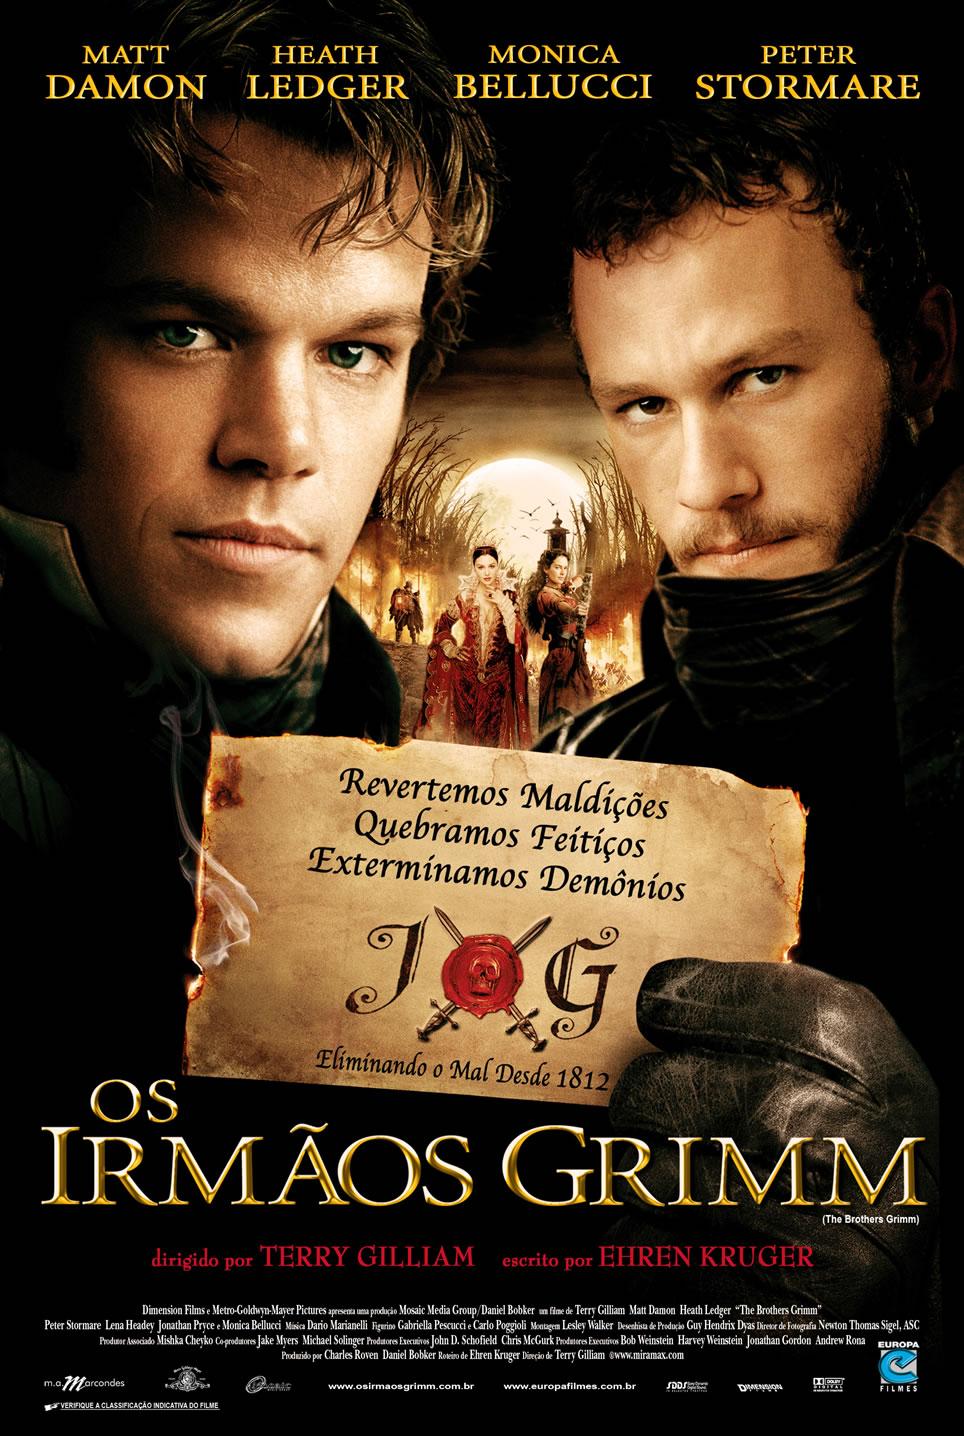 Os%2BIrm%25C3%25A3os%2BGrimm Os Irmãos Grimm